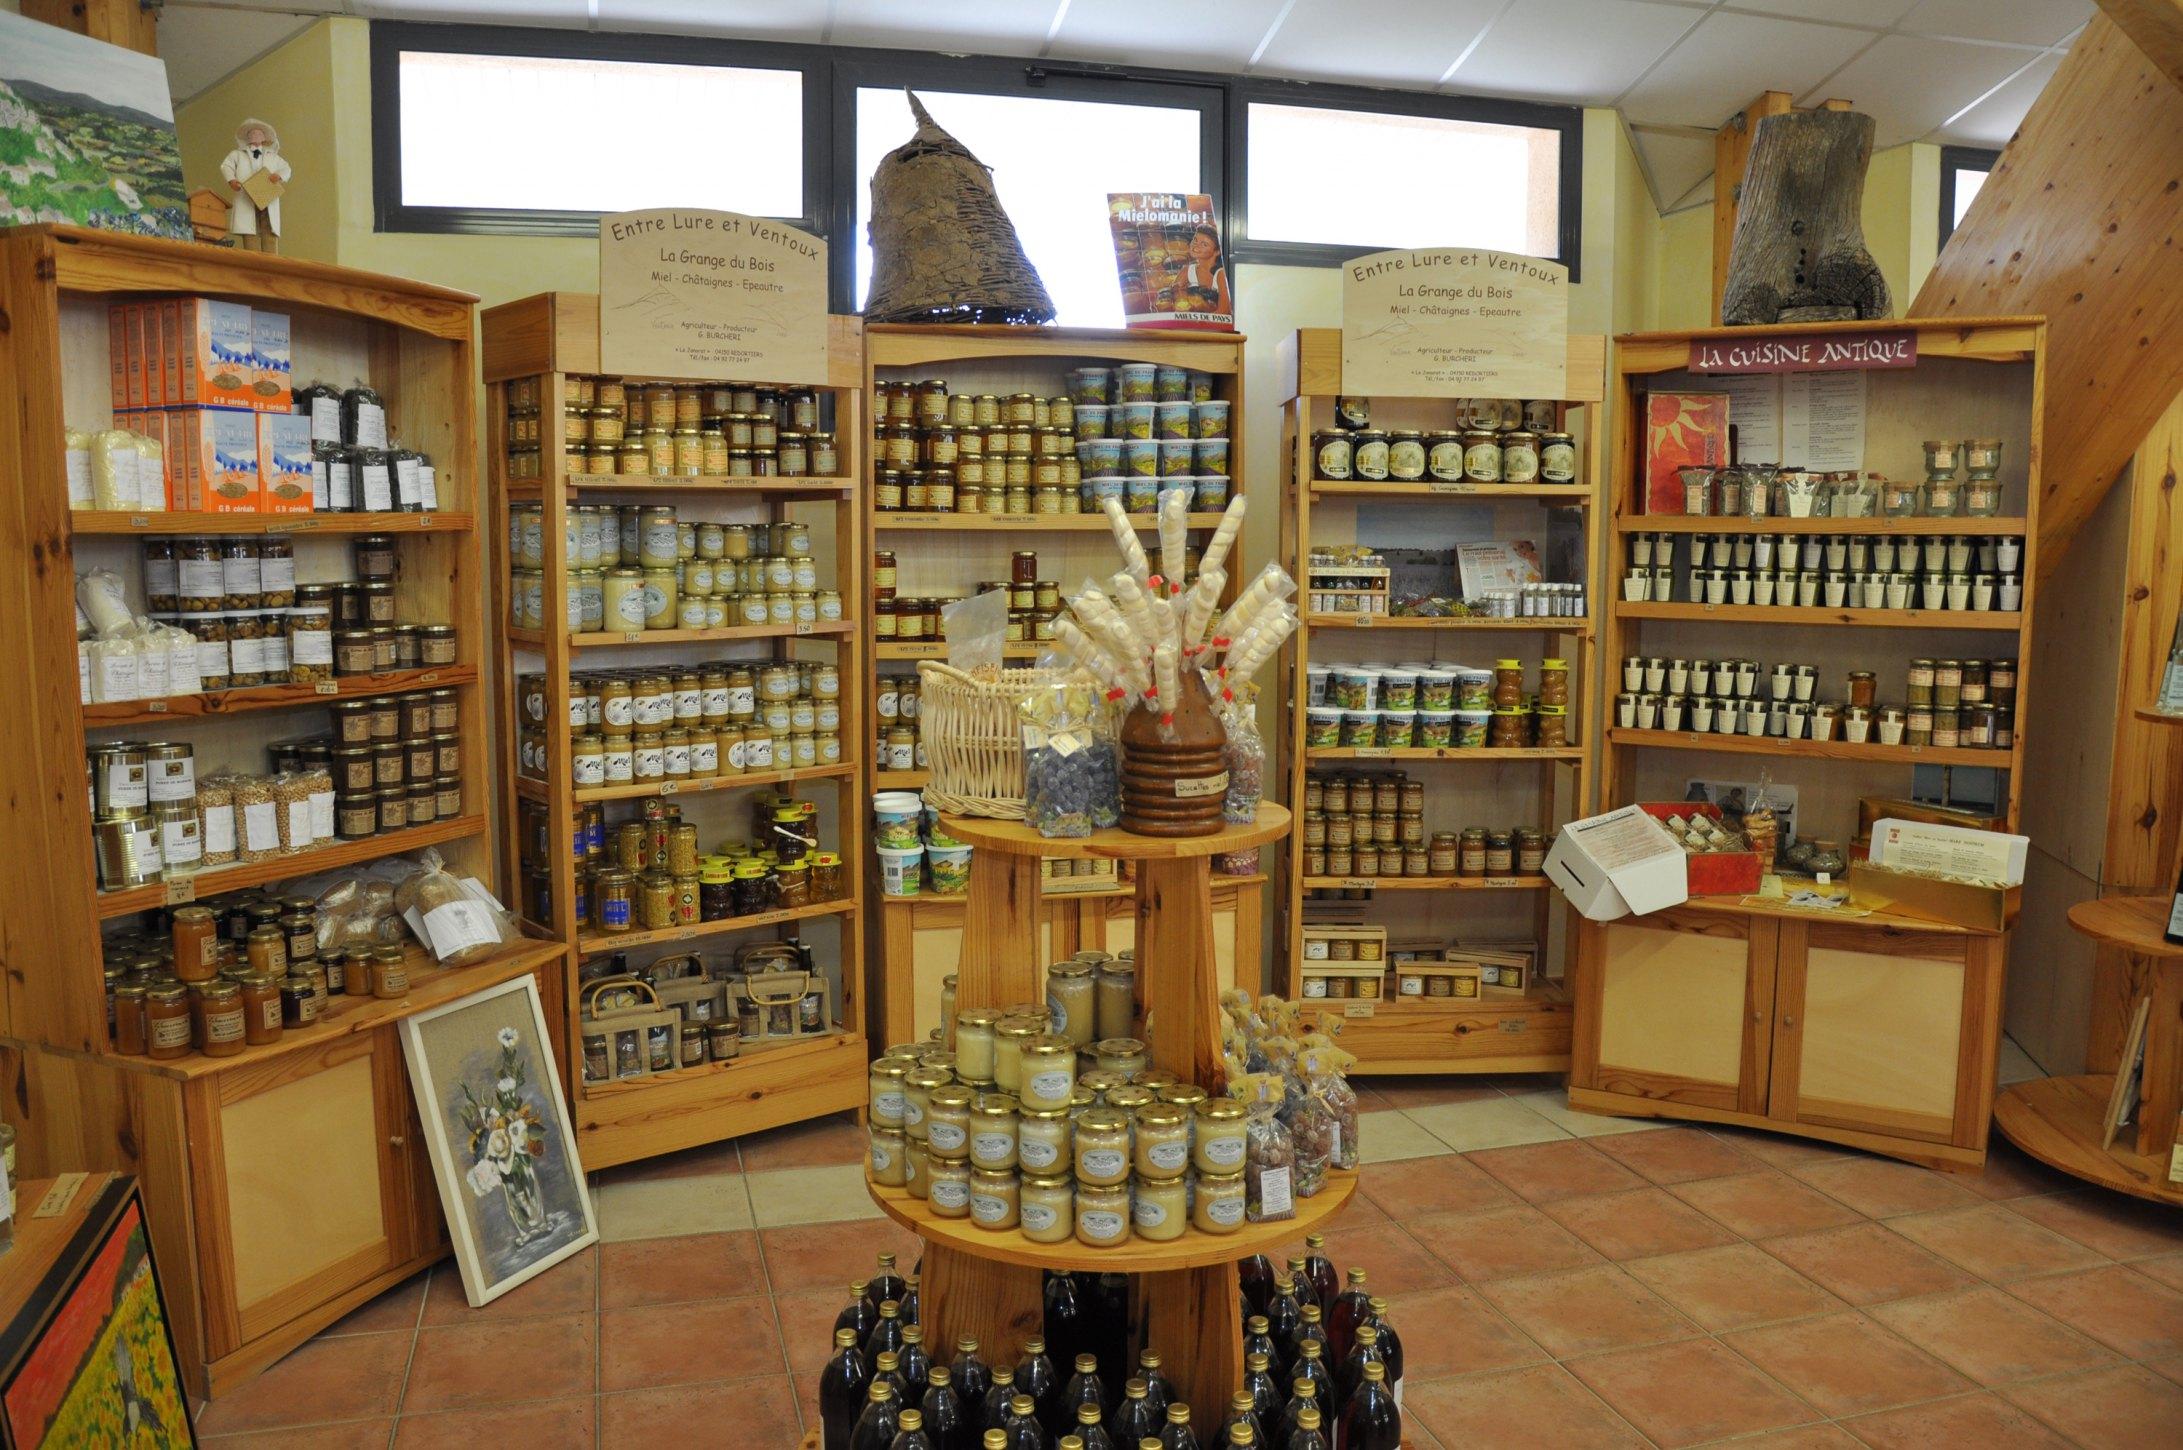 Prestataires - Alpes de Haute Provence Tourisme 30c5404c4a13